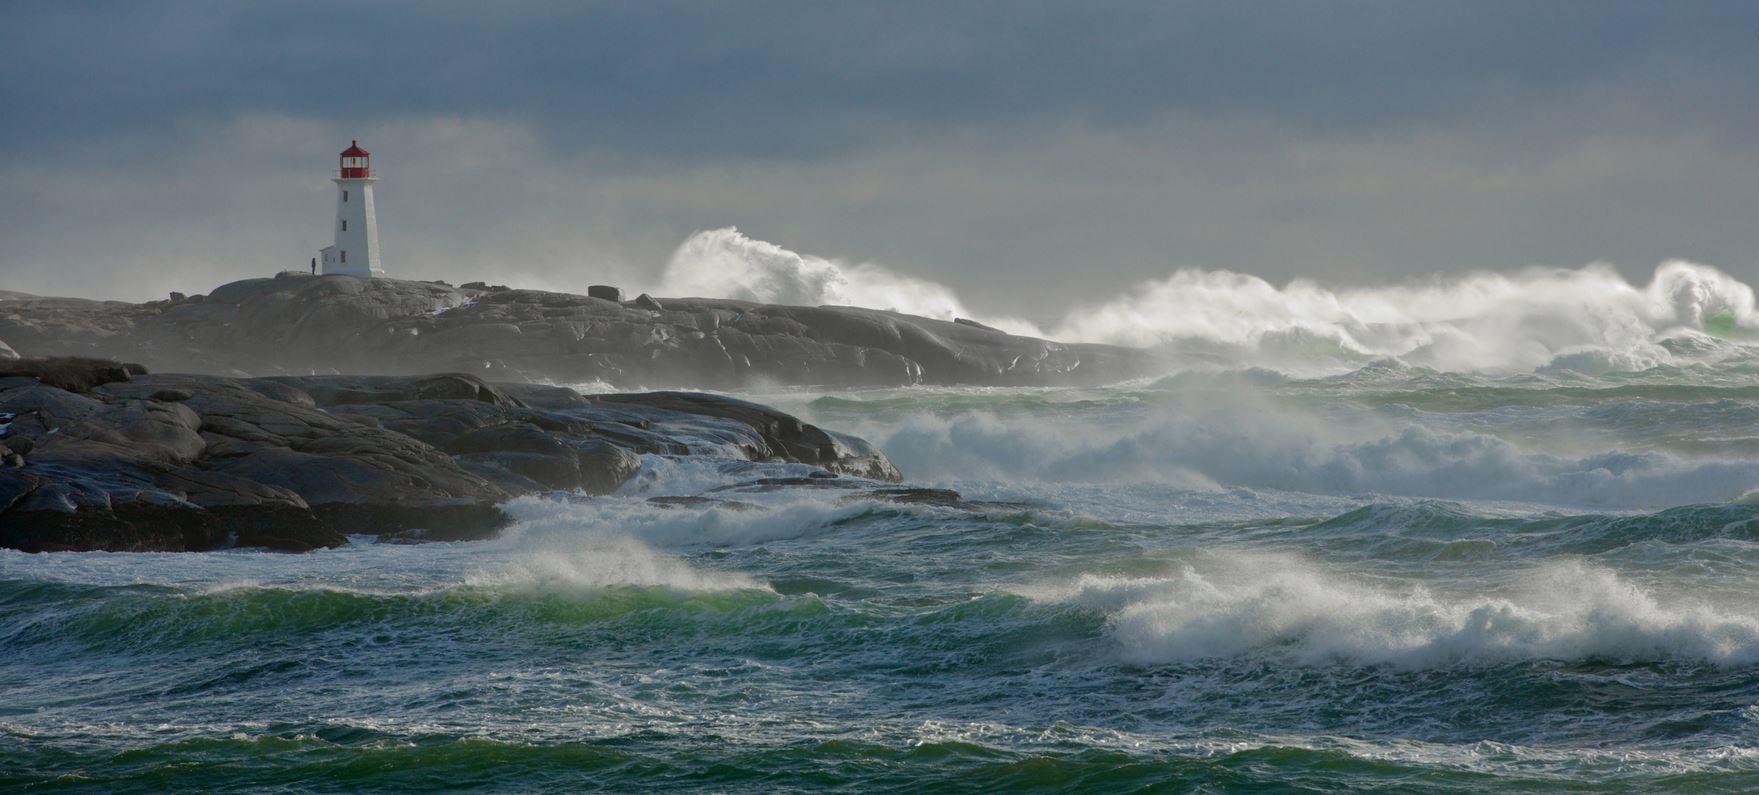 Photo of Photographie du jour #390 : Peggys Cove Storm